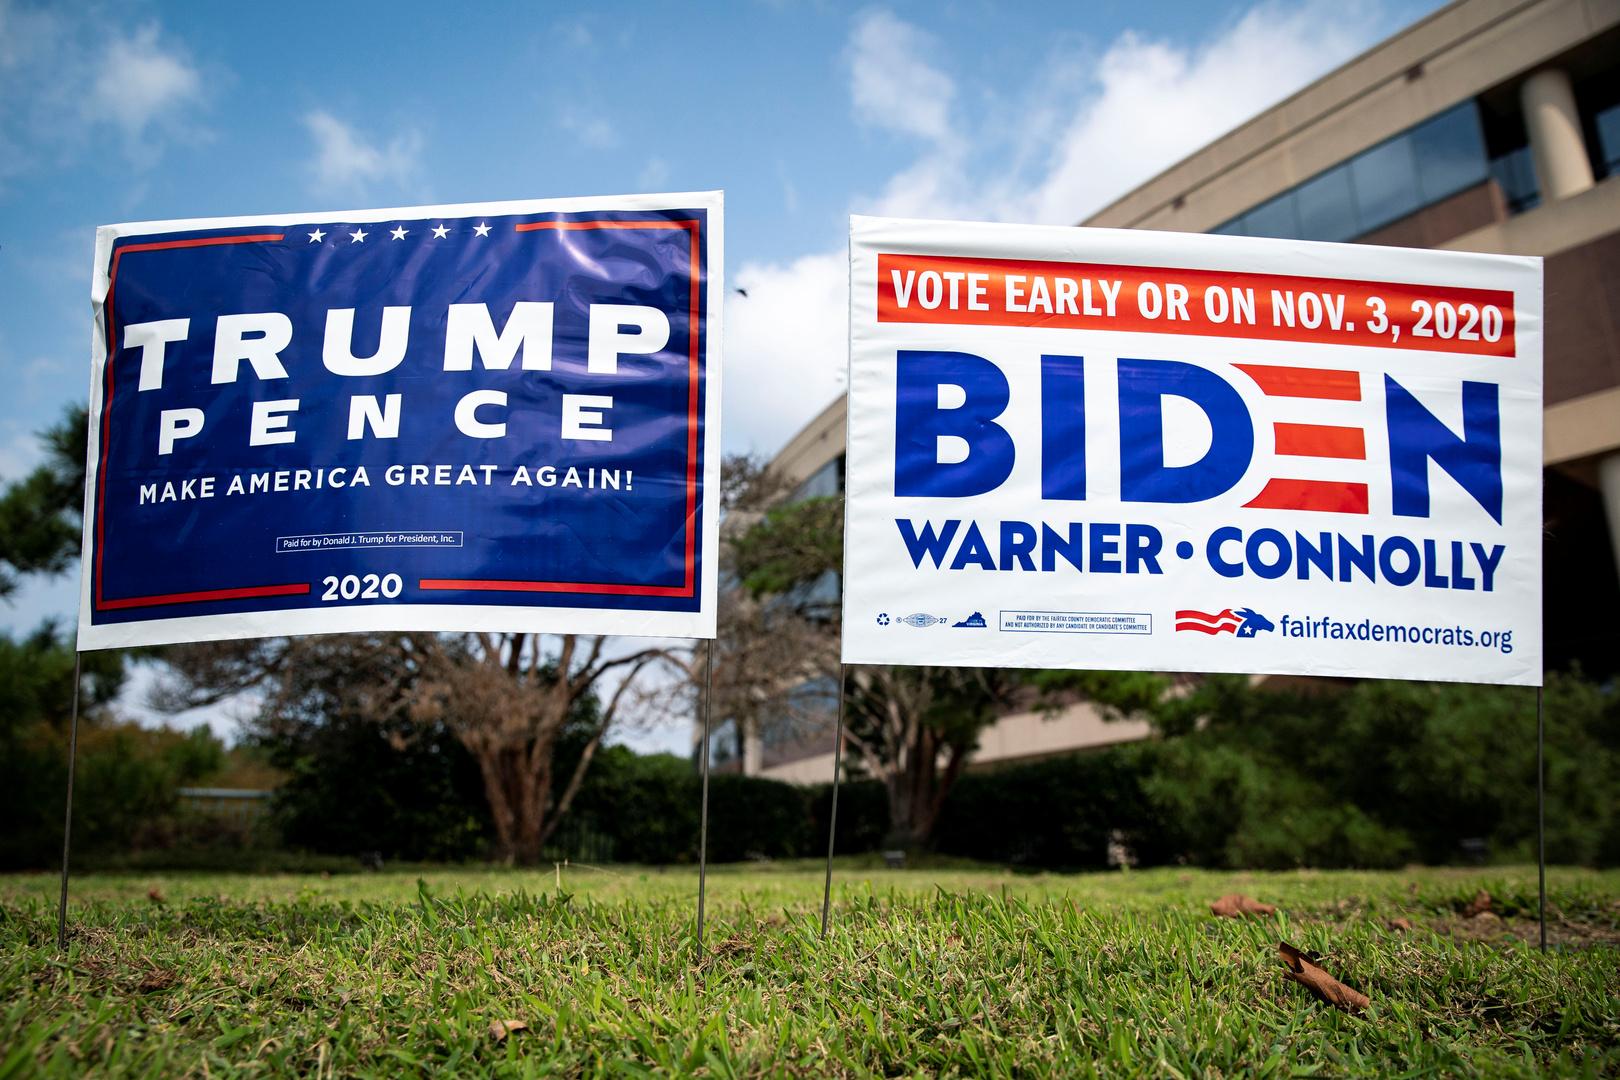 لماذا يدلي الأمريكيون بأصواتهم في انتخابات الرئاسة يوم الثلاثاء؟